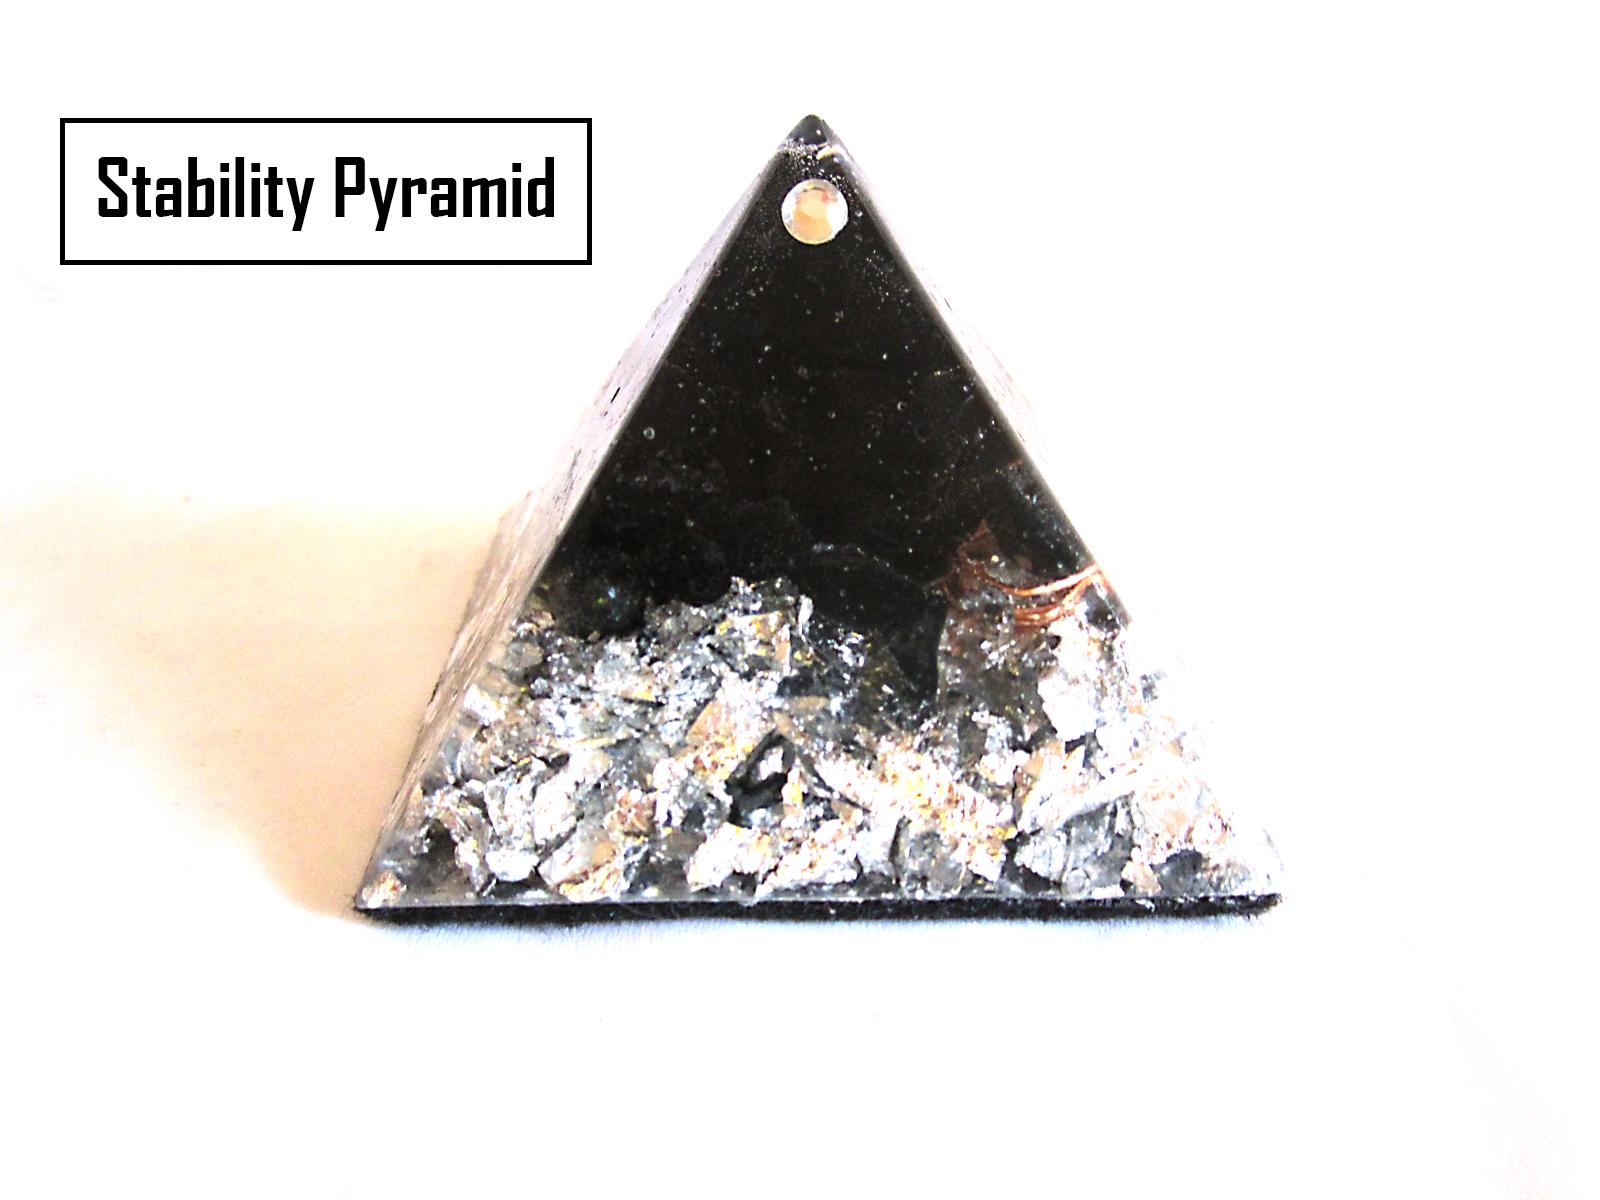 Orgone Stability Pyramid